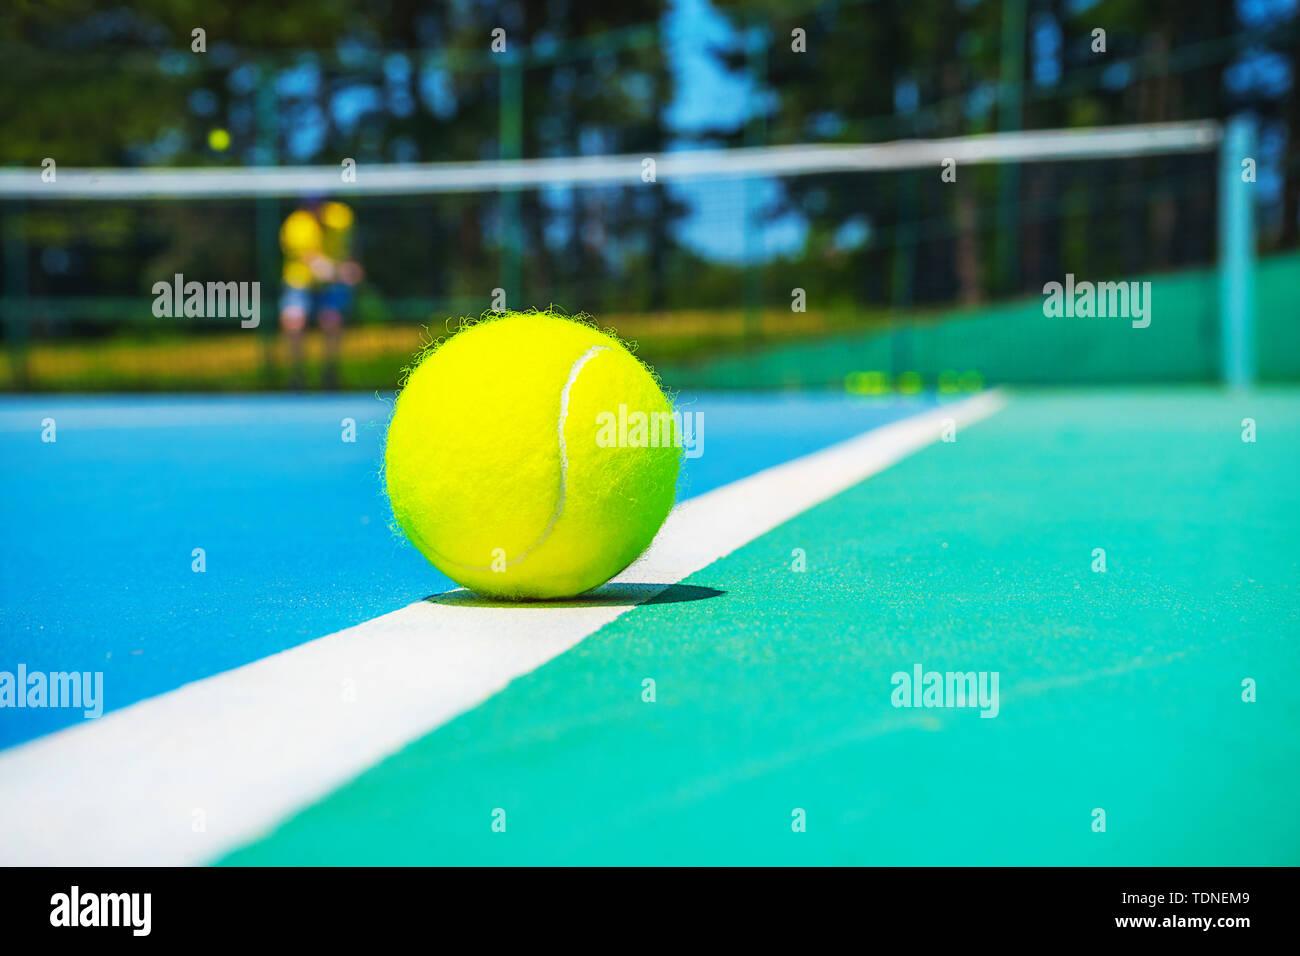 Pelota de Tenis en blanco duro en la línea de corte moderno blue green court con el jugador, net, pelotas, árboles en el fondo. Foto de stock